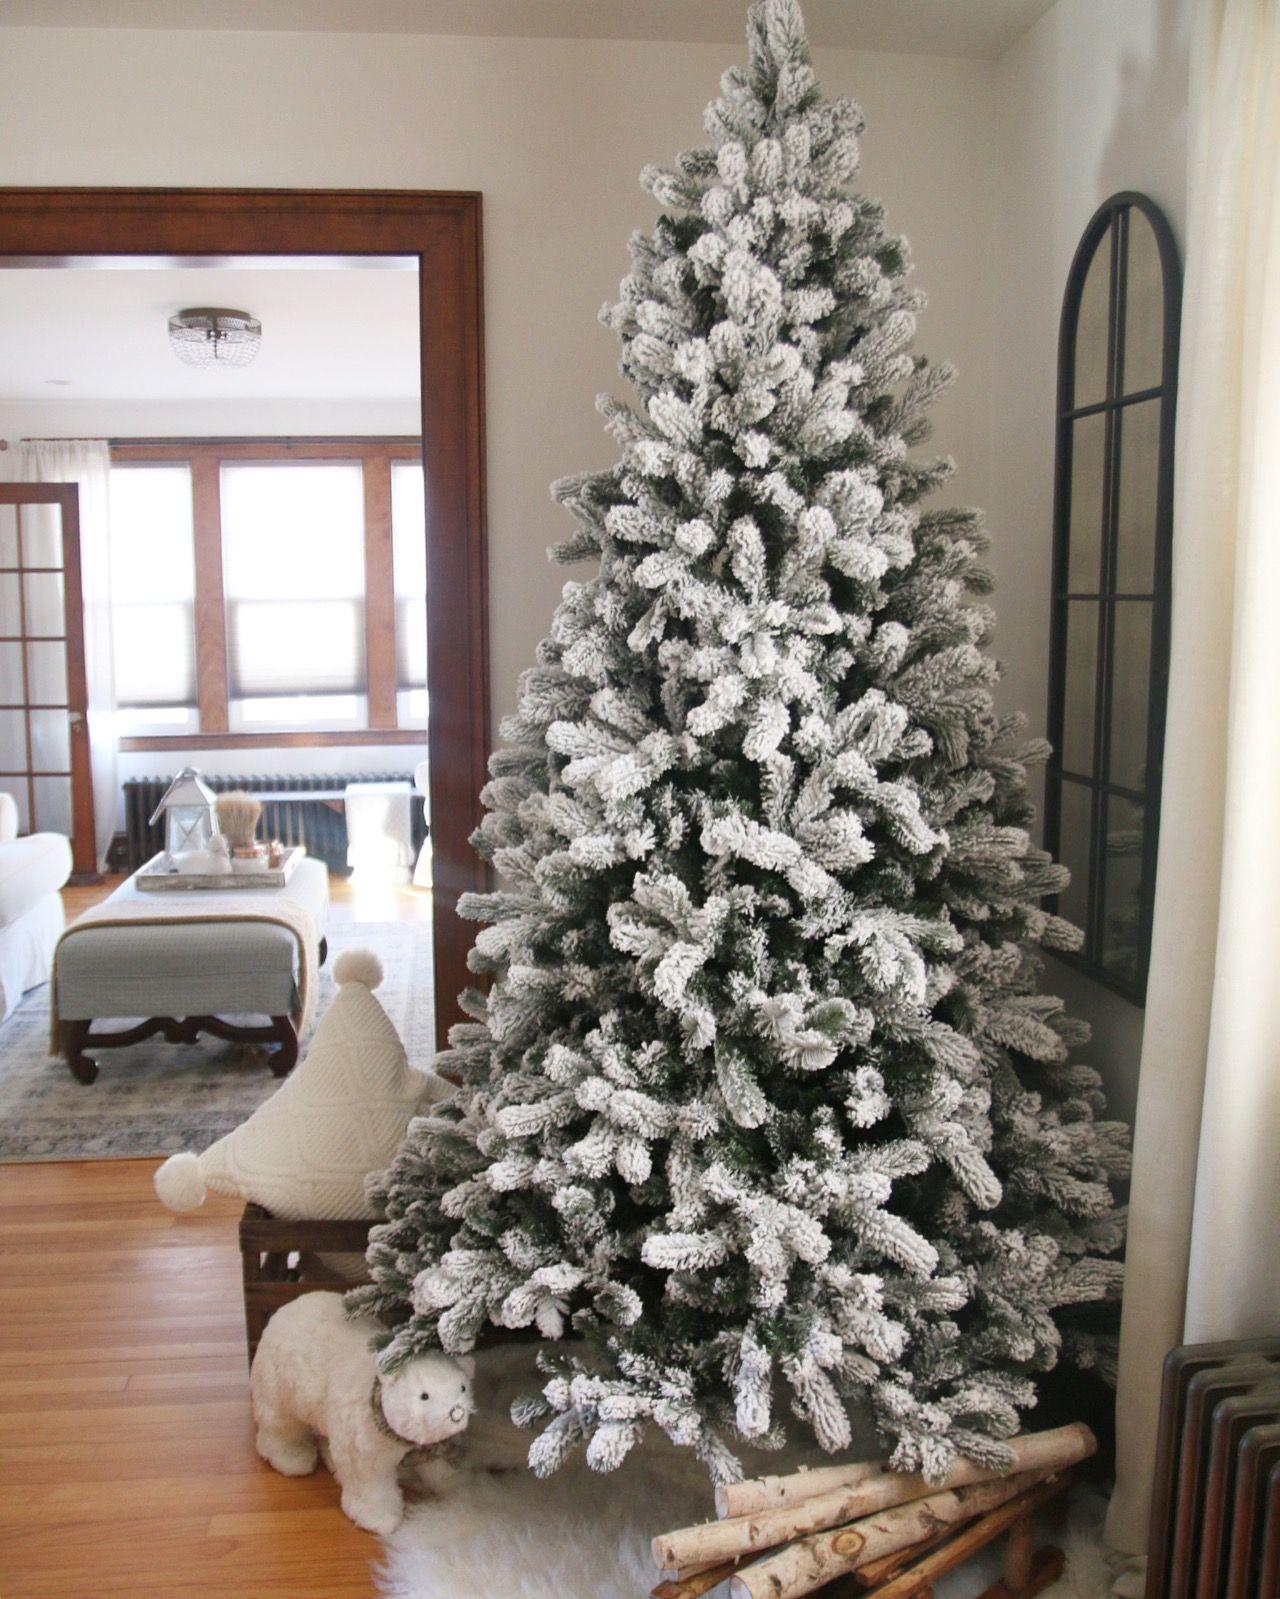 King of Christmas King flock | King Of Christmas Flock Christmas ...